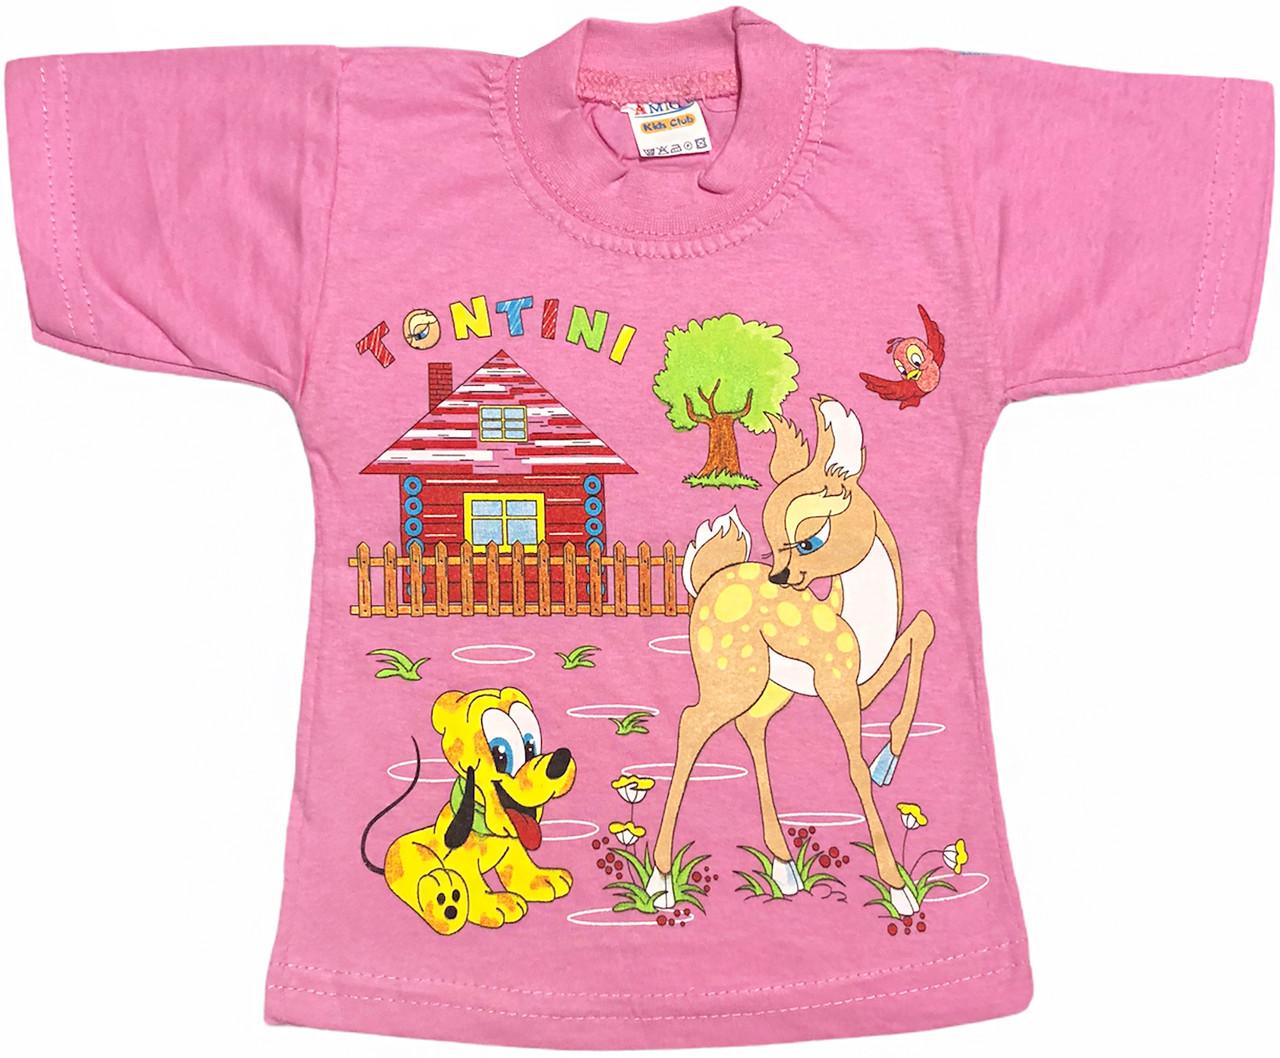 Дитяча футболка на дівчинку ріст 80 9-12 міс для новонароджених малюків з принтом гарна трикотажна рожева